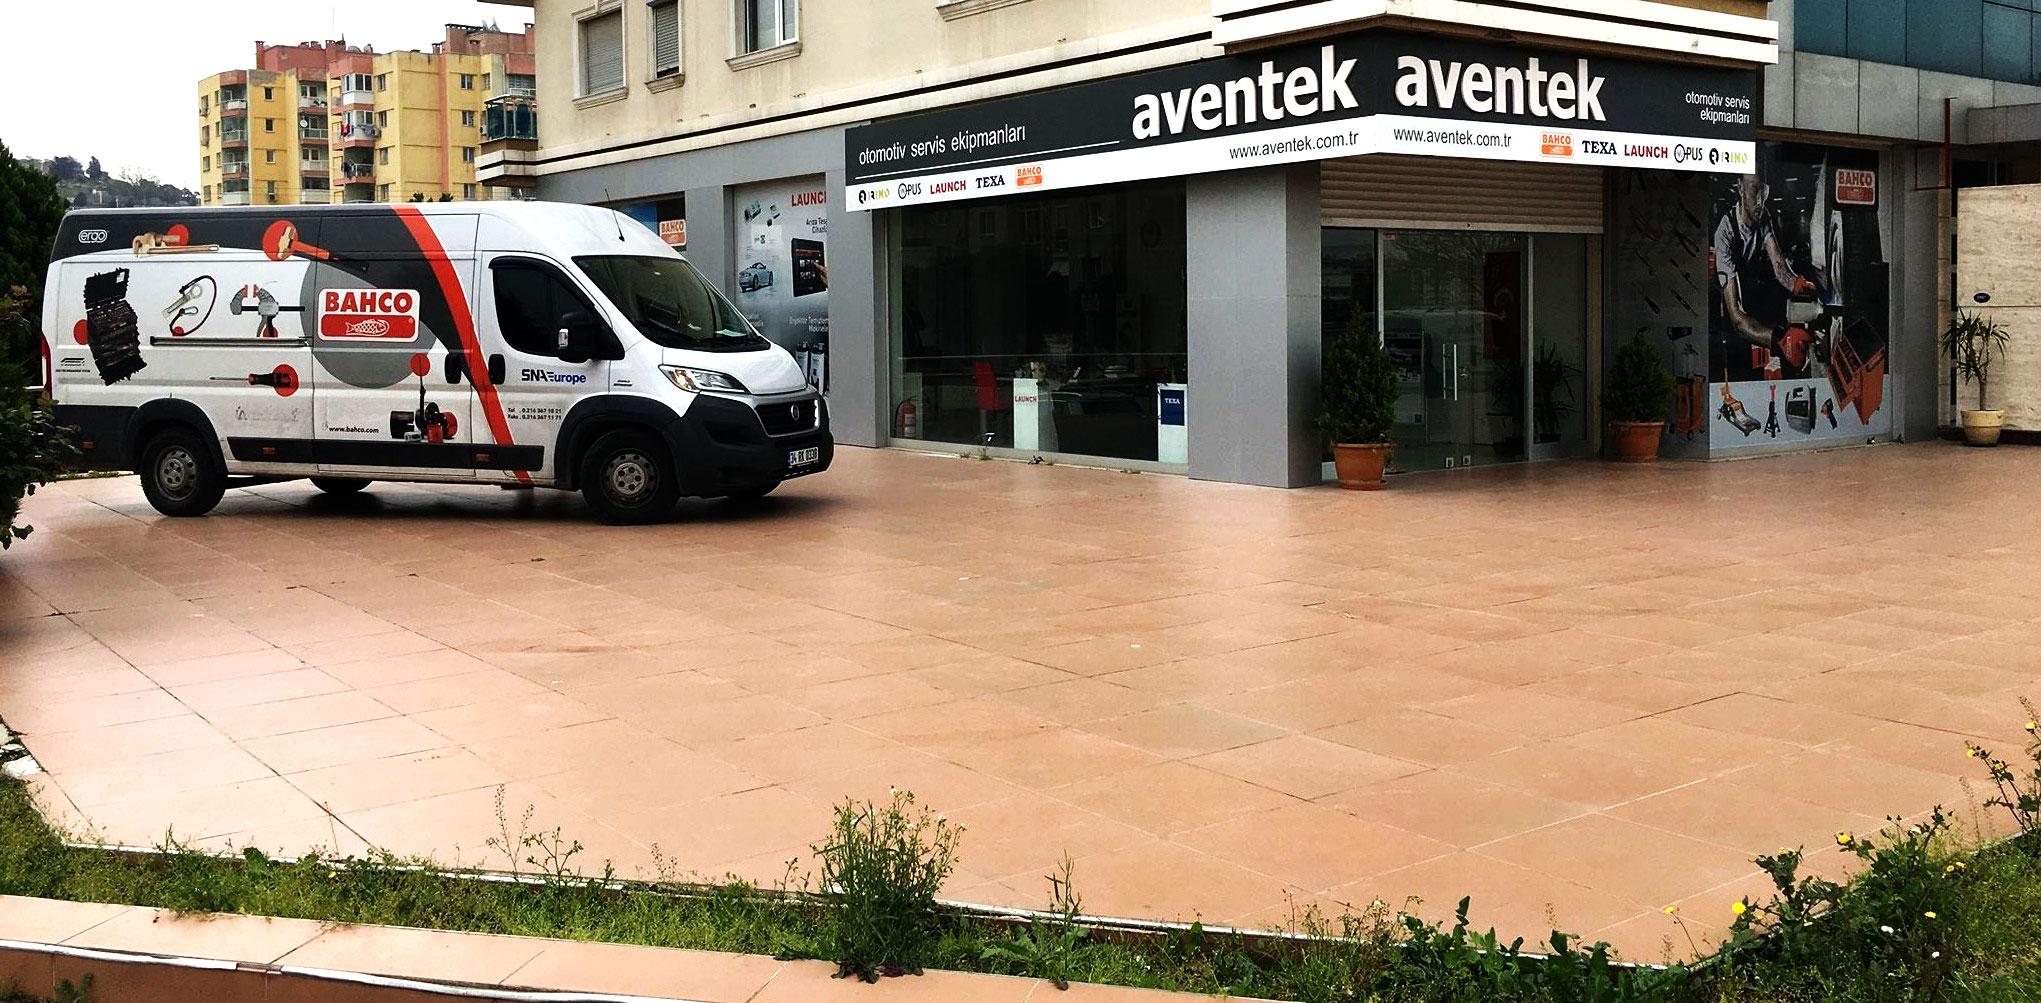 Karşıyaka / İzmir